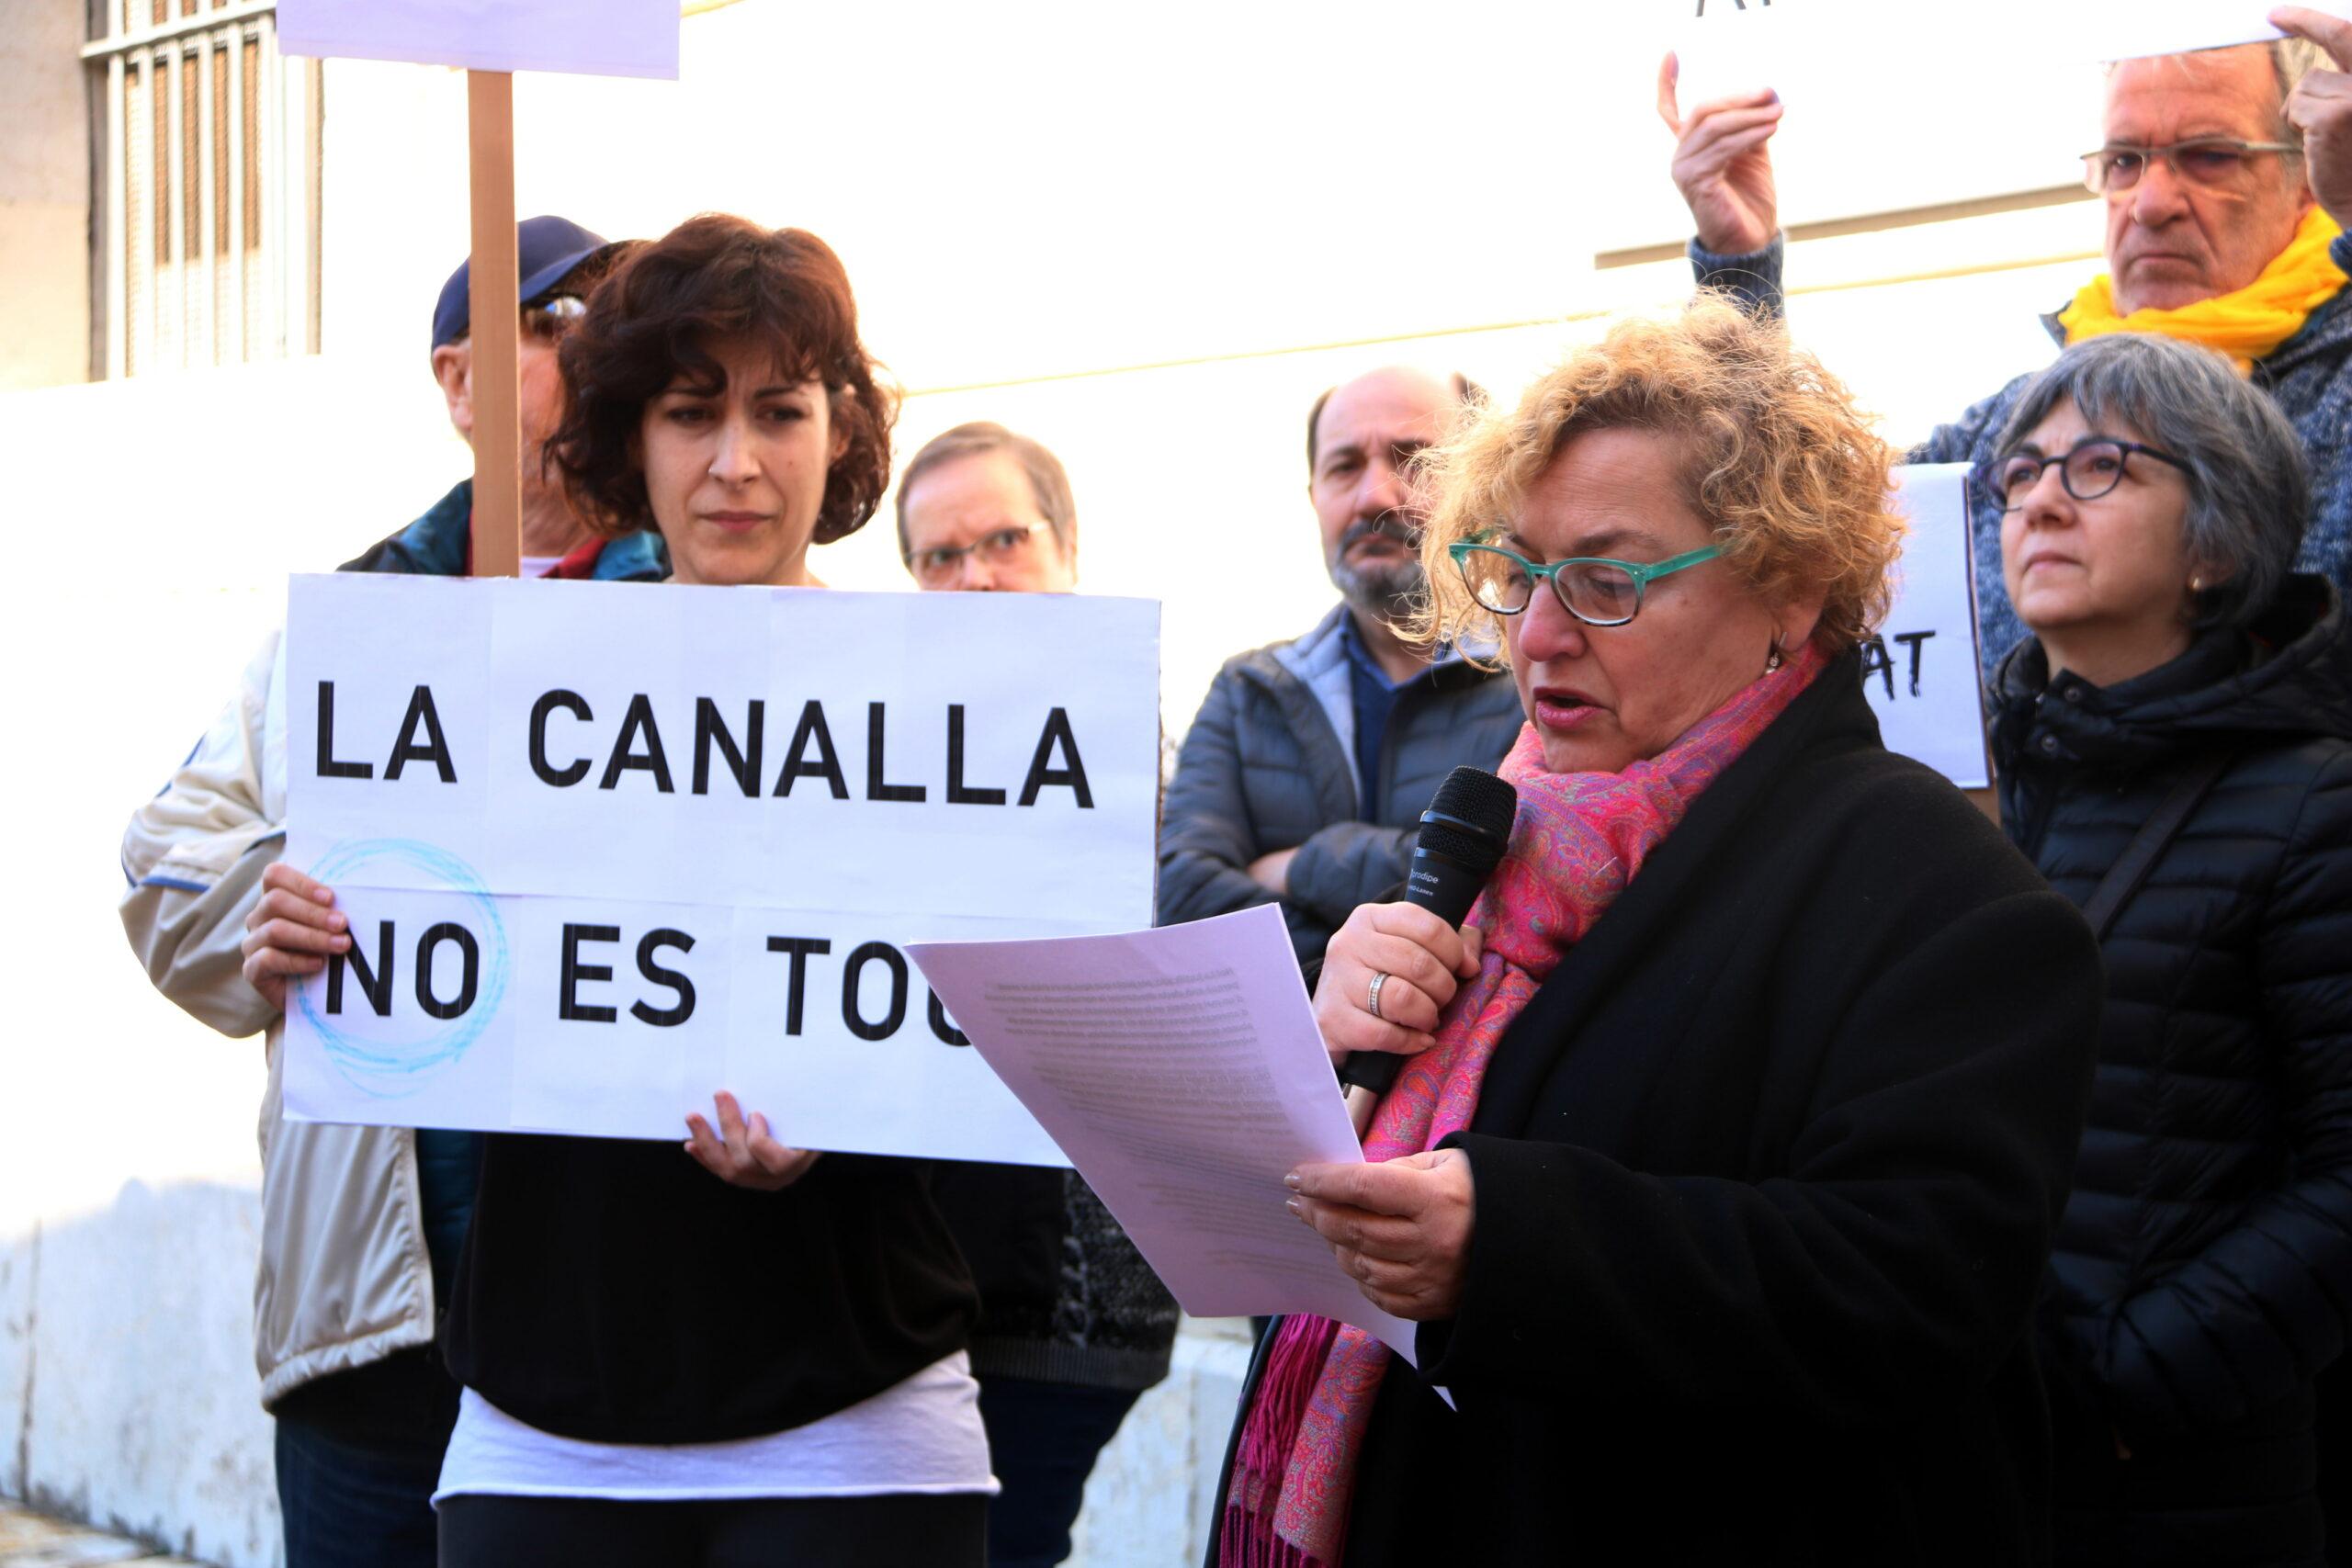 Els manifestants en la lectura de la carta d'una víctima d'abusos sexuals en la concentració per denunciar els casos d'abusos sexuals a menors per part dels eclesiàstics, el 9 de febrer del 2019 / ACN